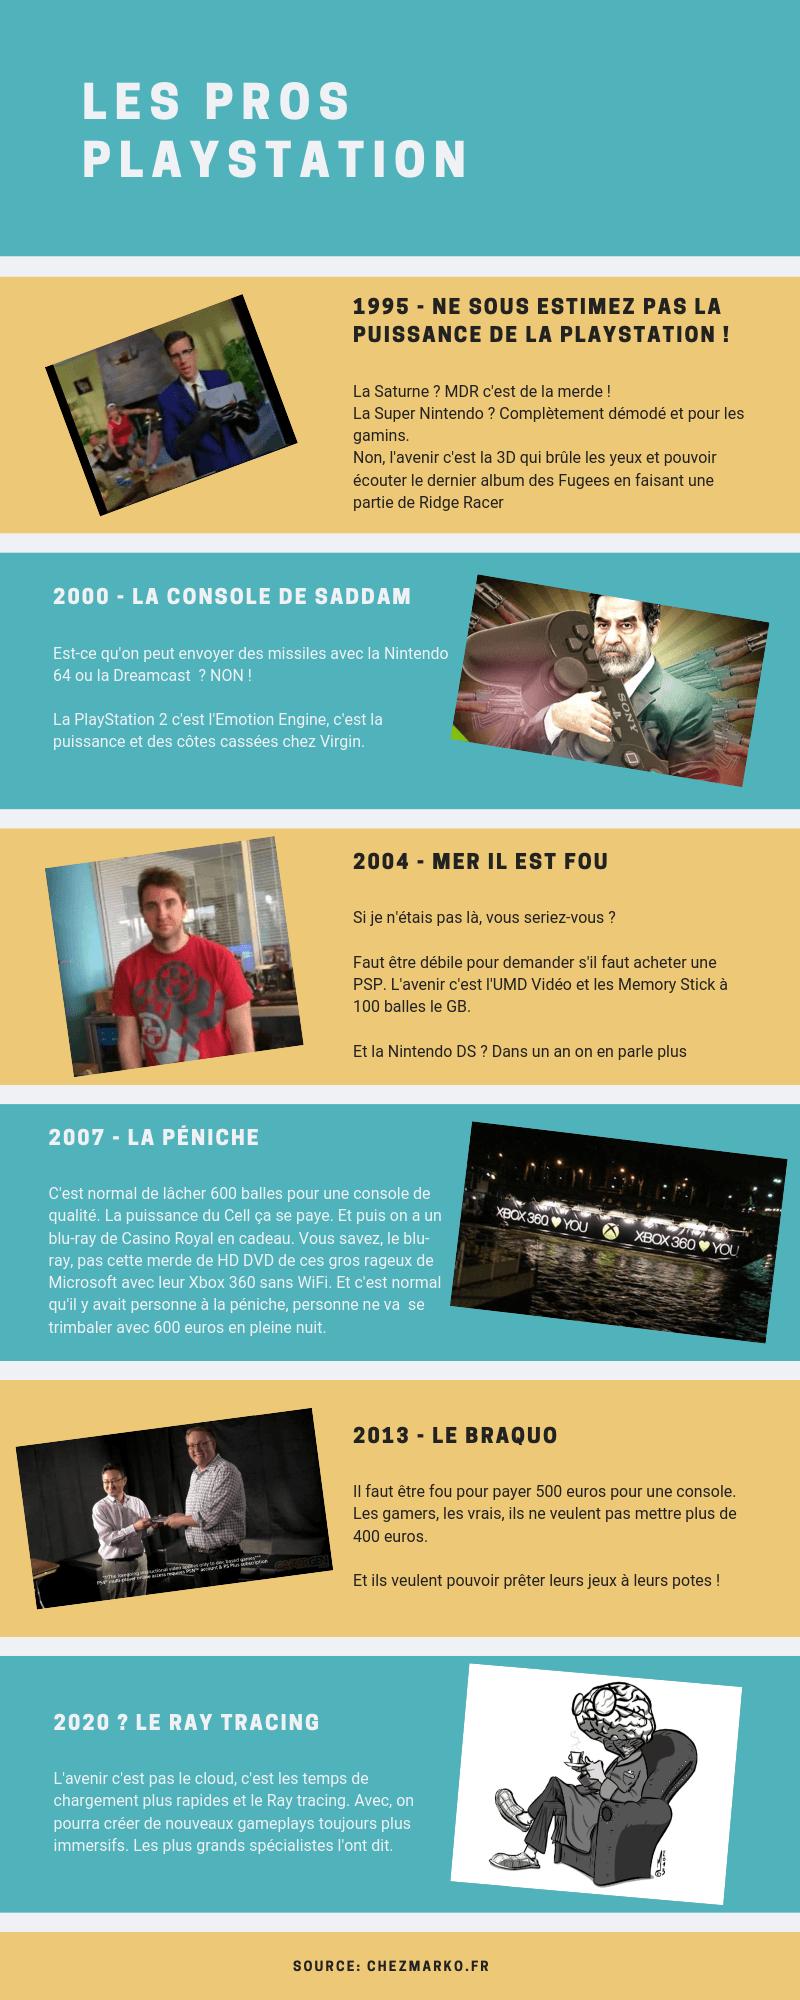 infographie d'un pro playstation